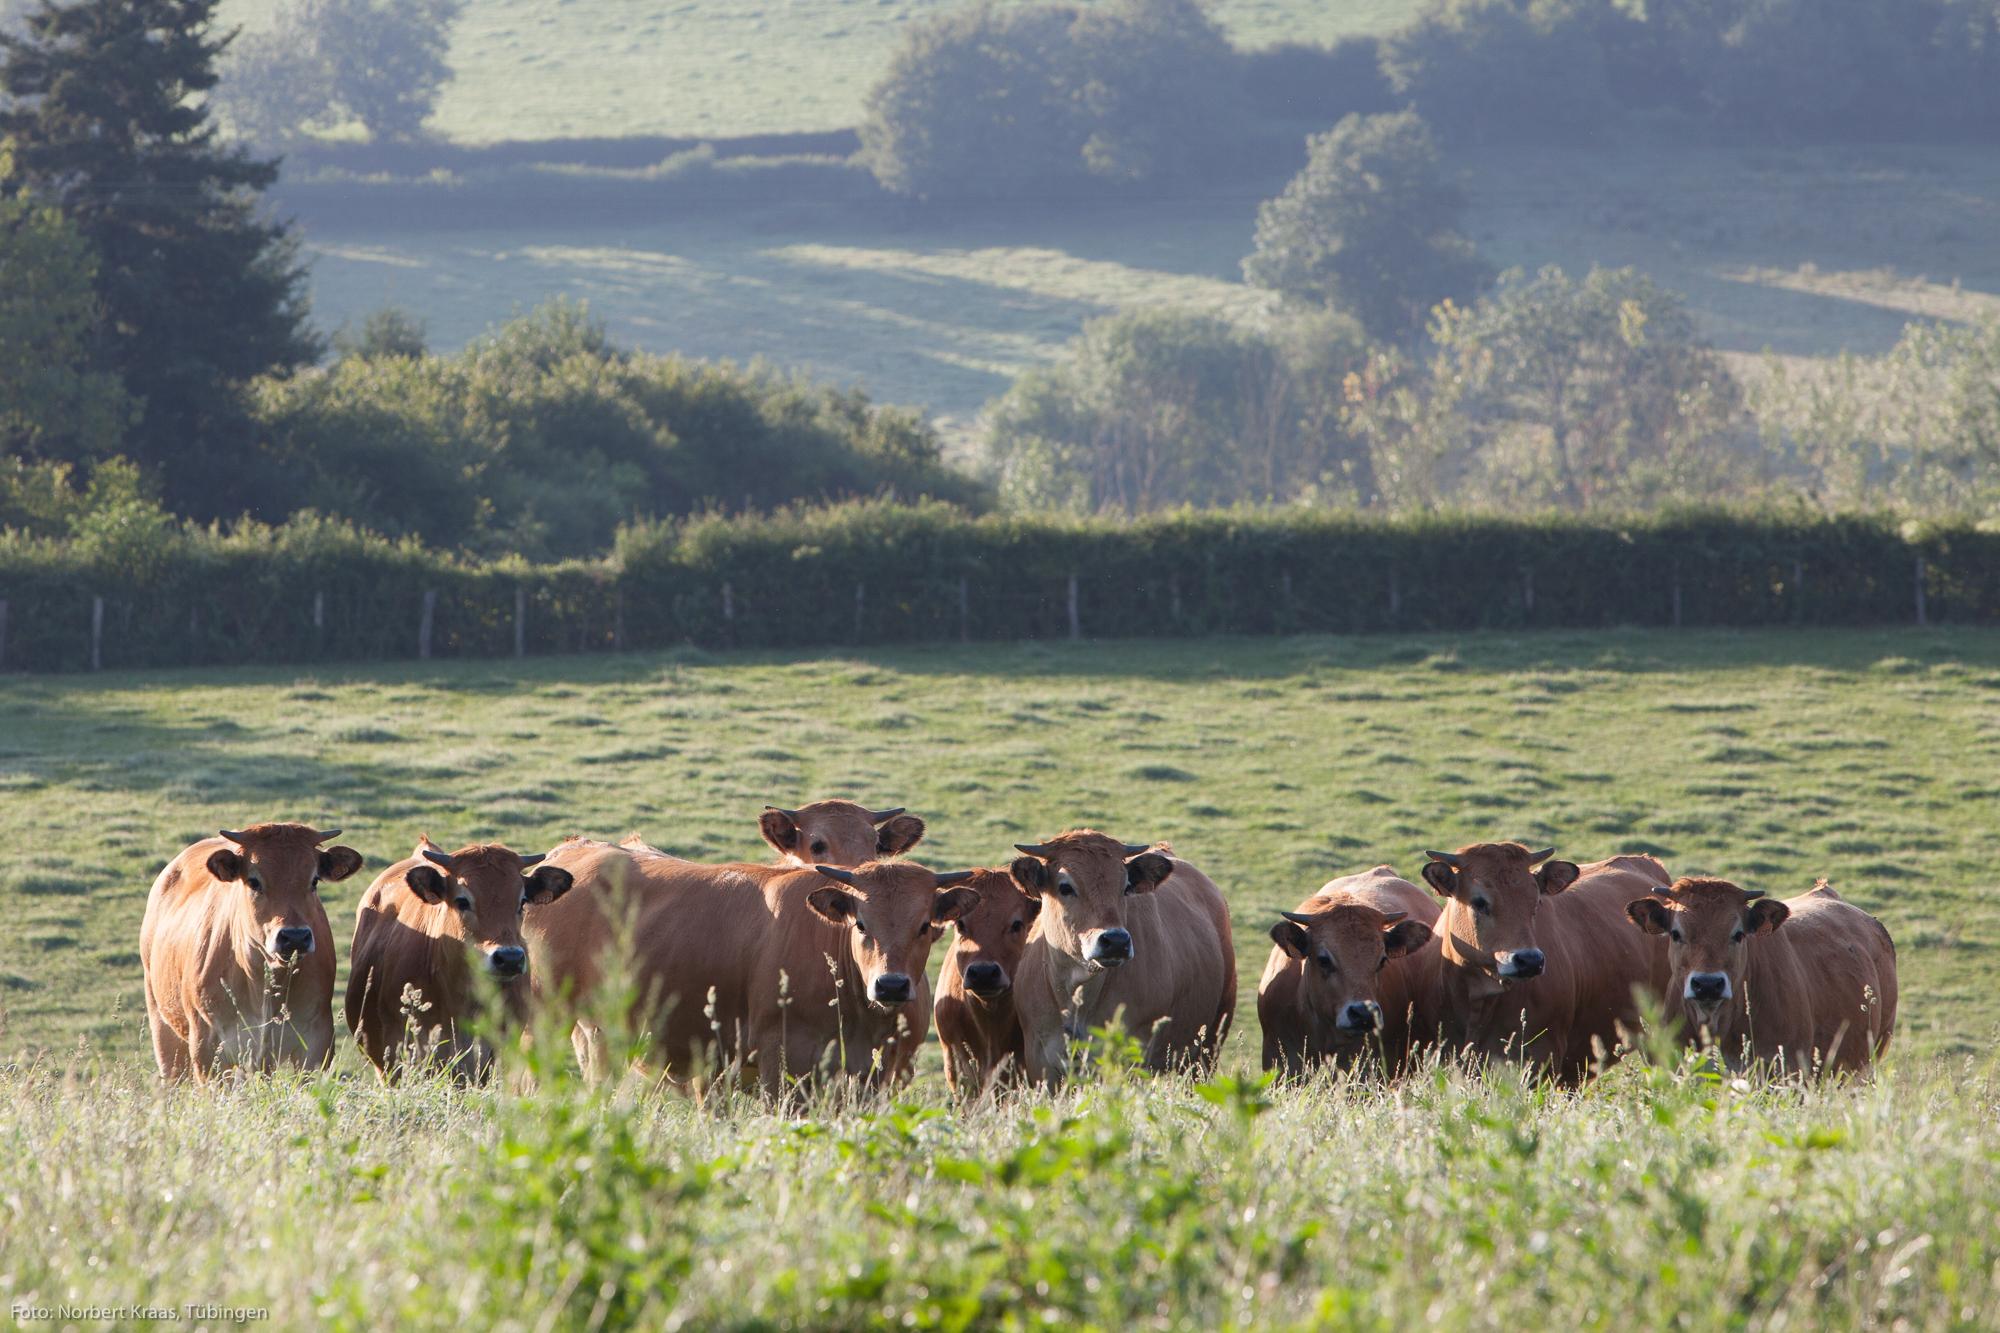 Aubrac-Rinder am frühen Morgen auf einer Weide in Burgund. Foto: Norbert Kraas